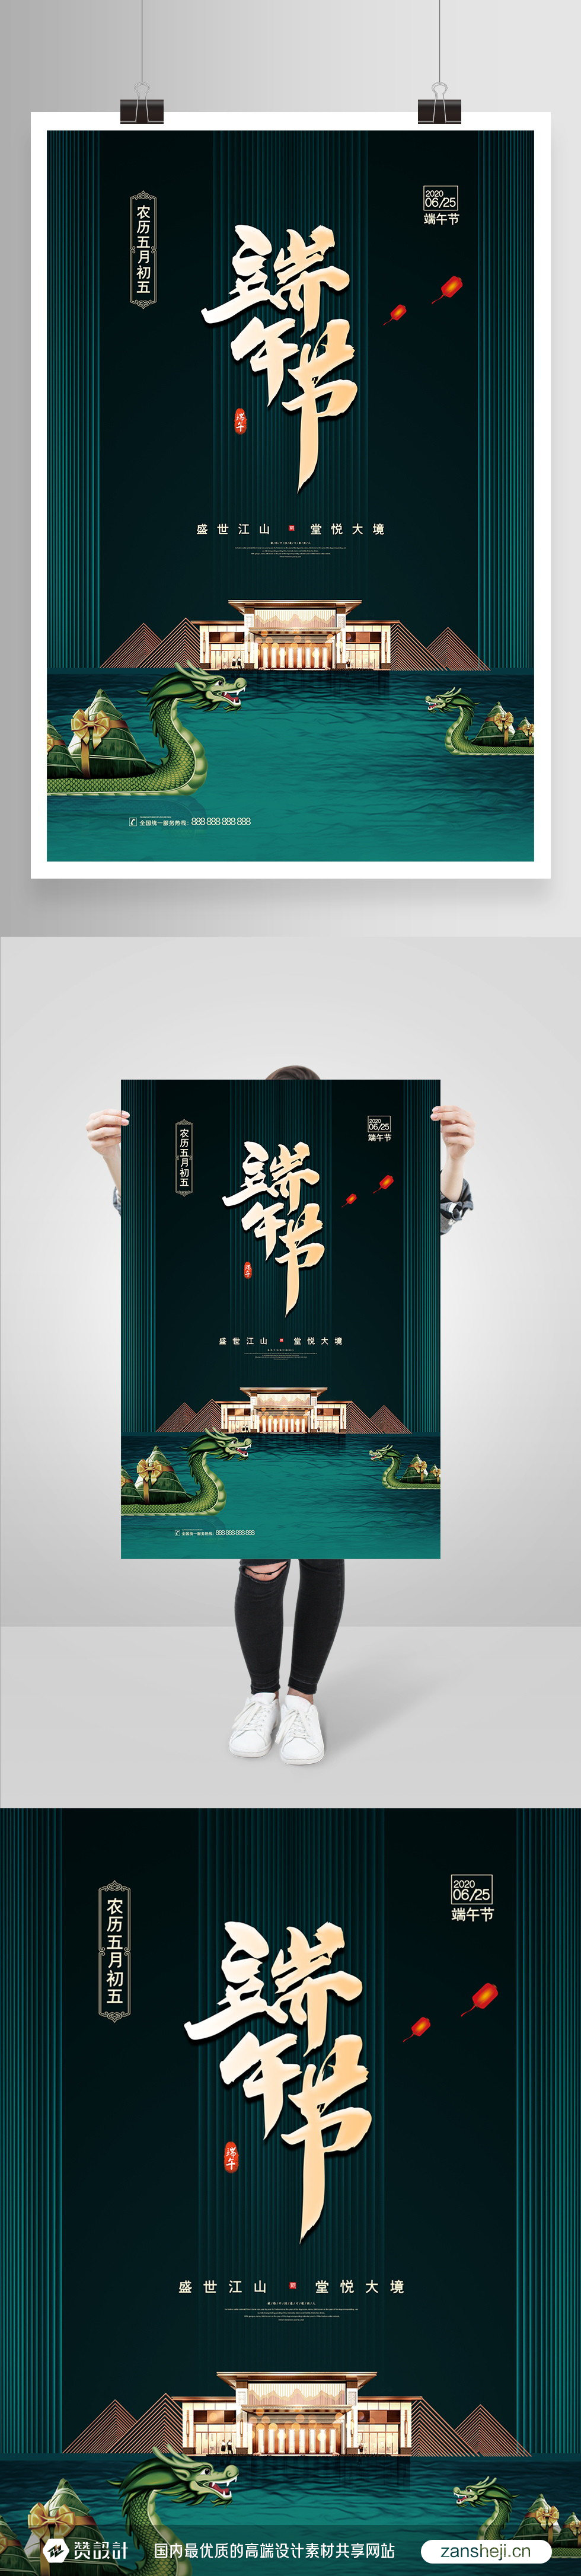 高端房地产端午节推广海报模板